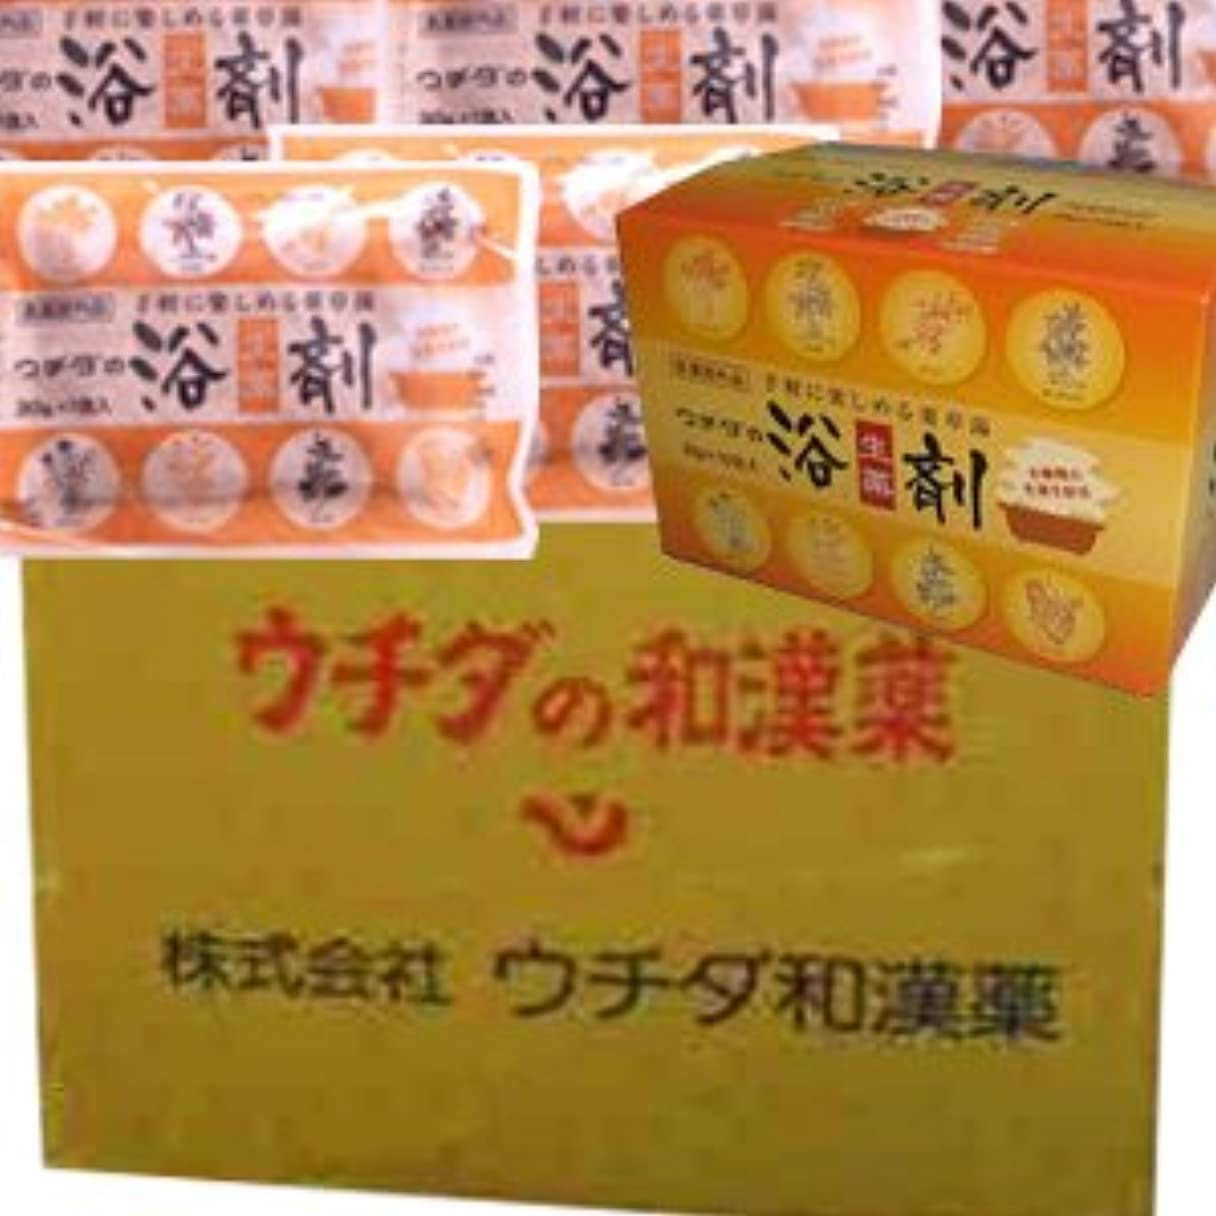 インレイ食用社説【12個1ケース】 ウチダの浴剤 30g×10袋入×12個+6袋 (4987359400025)